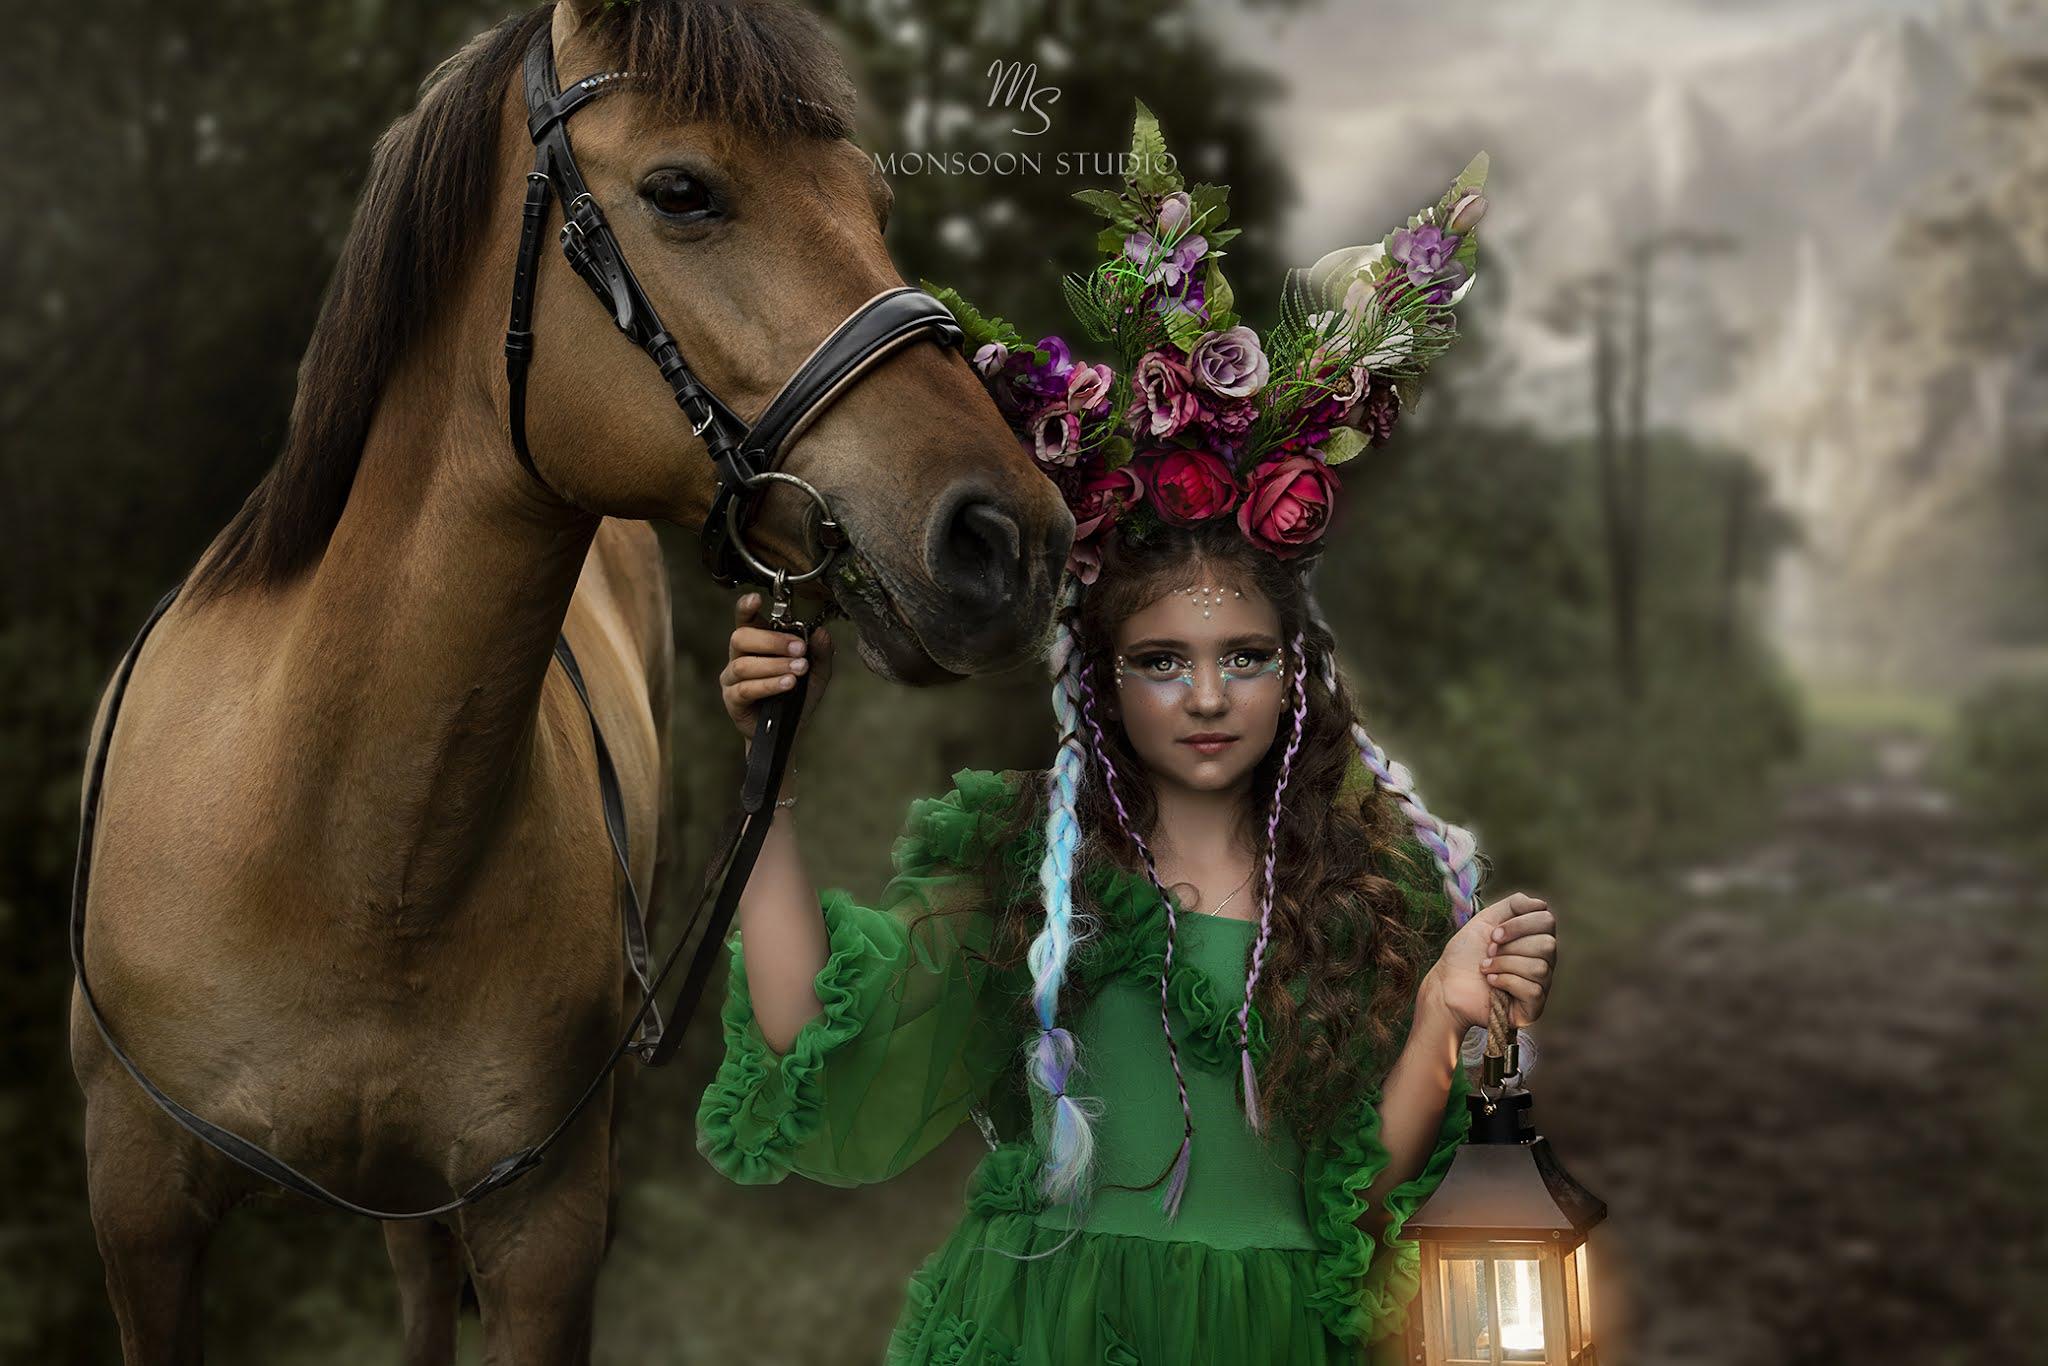 fotografia z koniem, jazda konna, jeździectwo, sesja z koniem, fotografia artystyczna